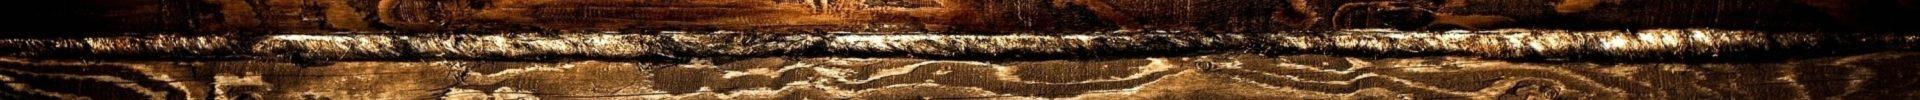 legno_antico